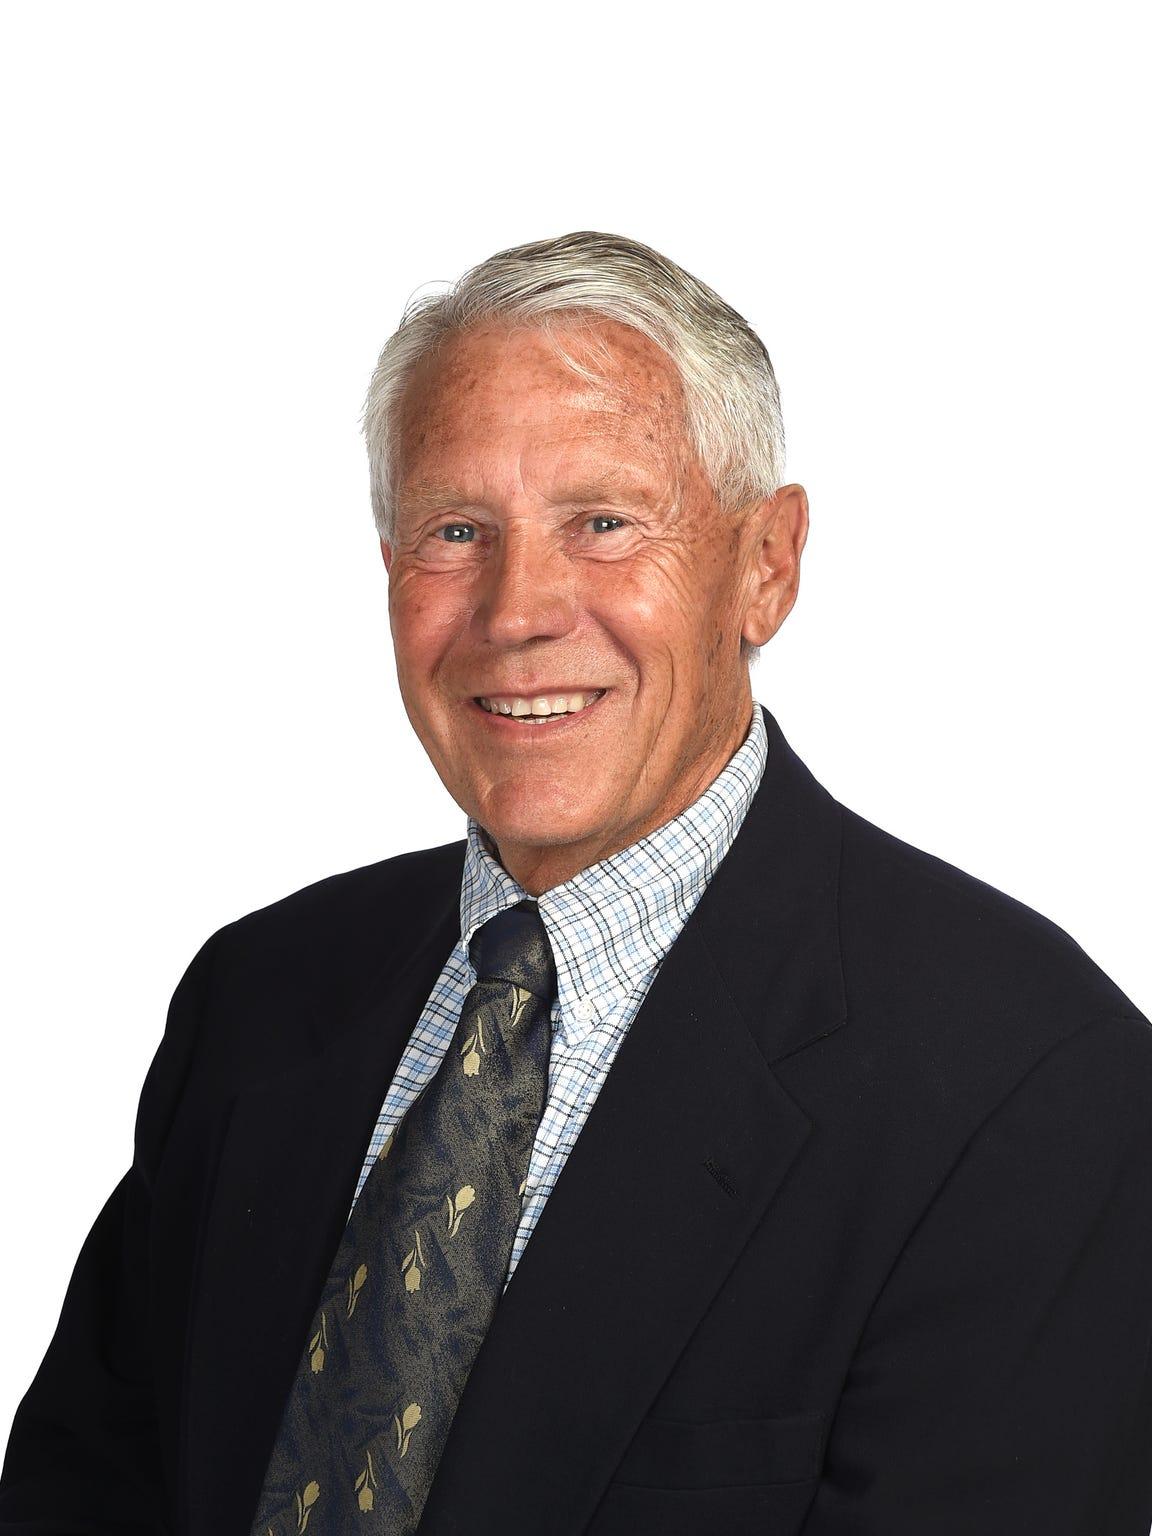 Kenneth Grein